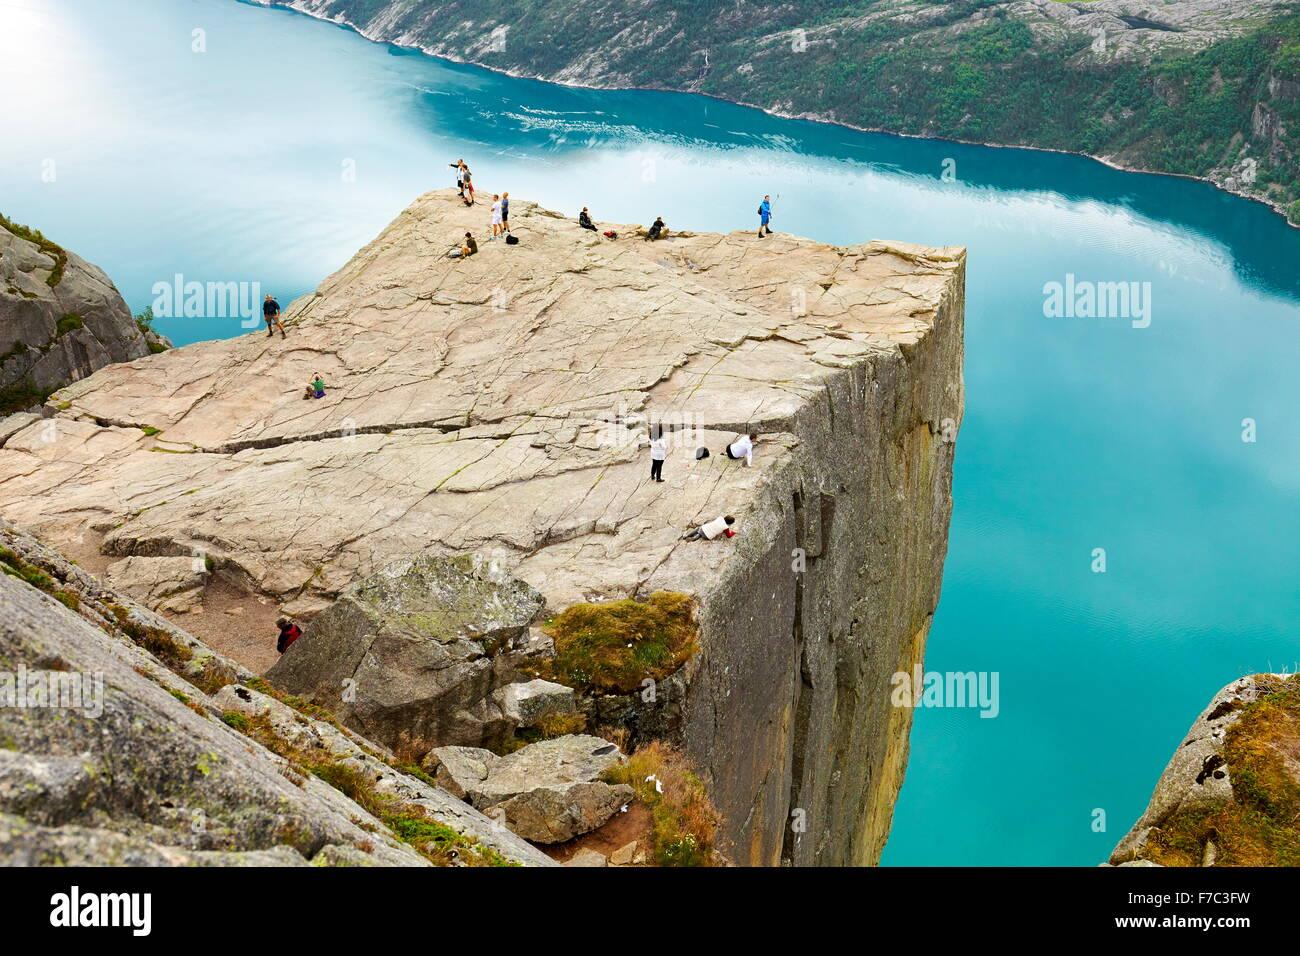 Preikestolen, roca púlpito, Lysefjorden, Noruega Imagen De Stock